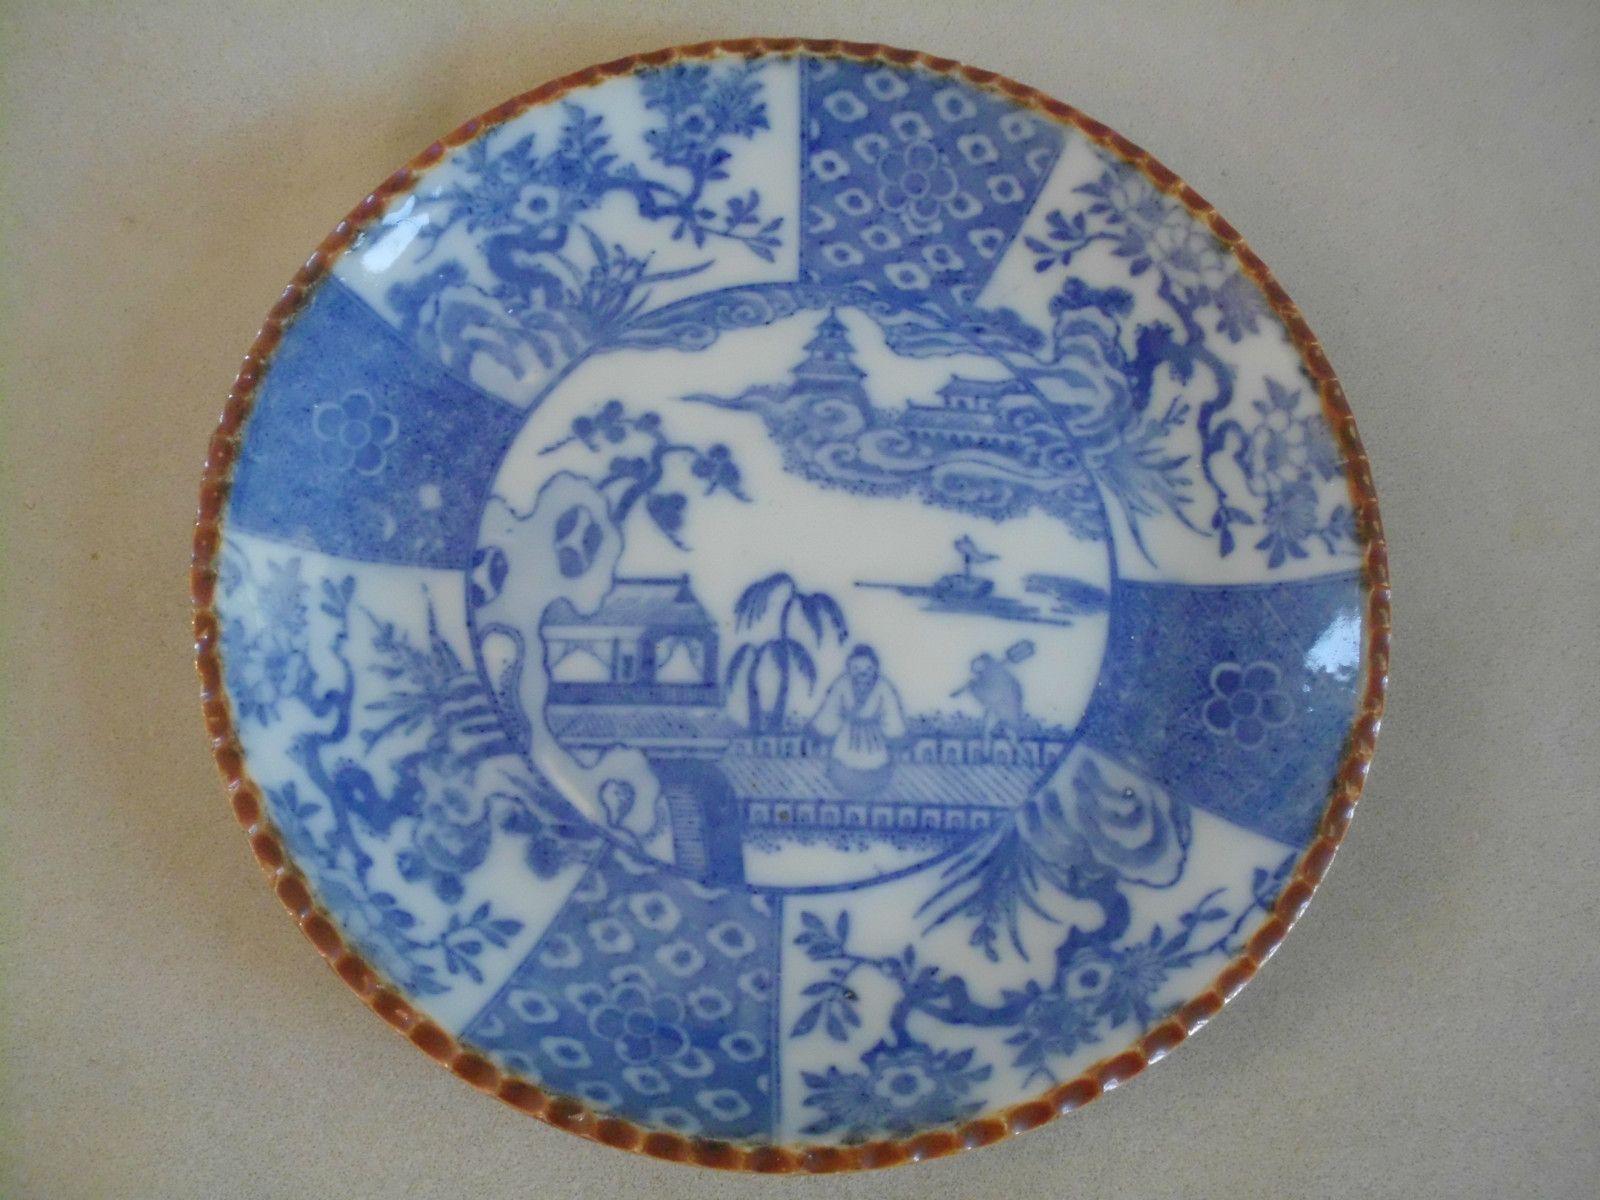 LOVELY ANTIQUE JAPANESE BLUE WHITE PORCELAIN SCALLOPED EDGE BOWL